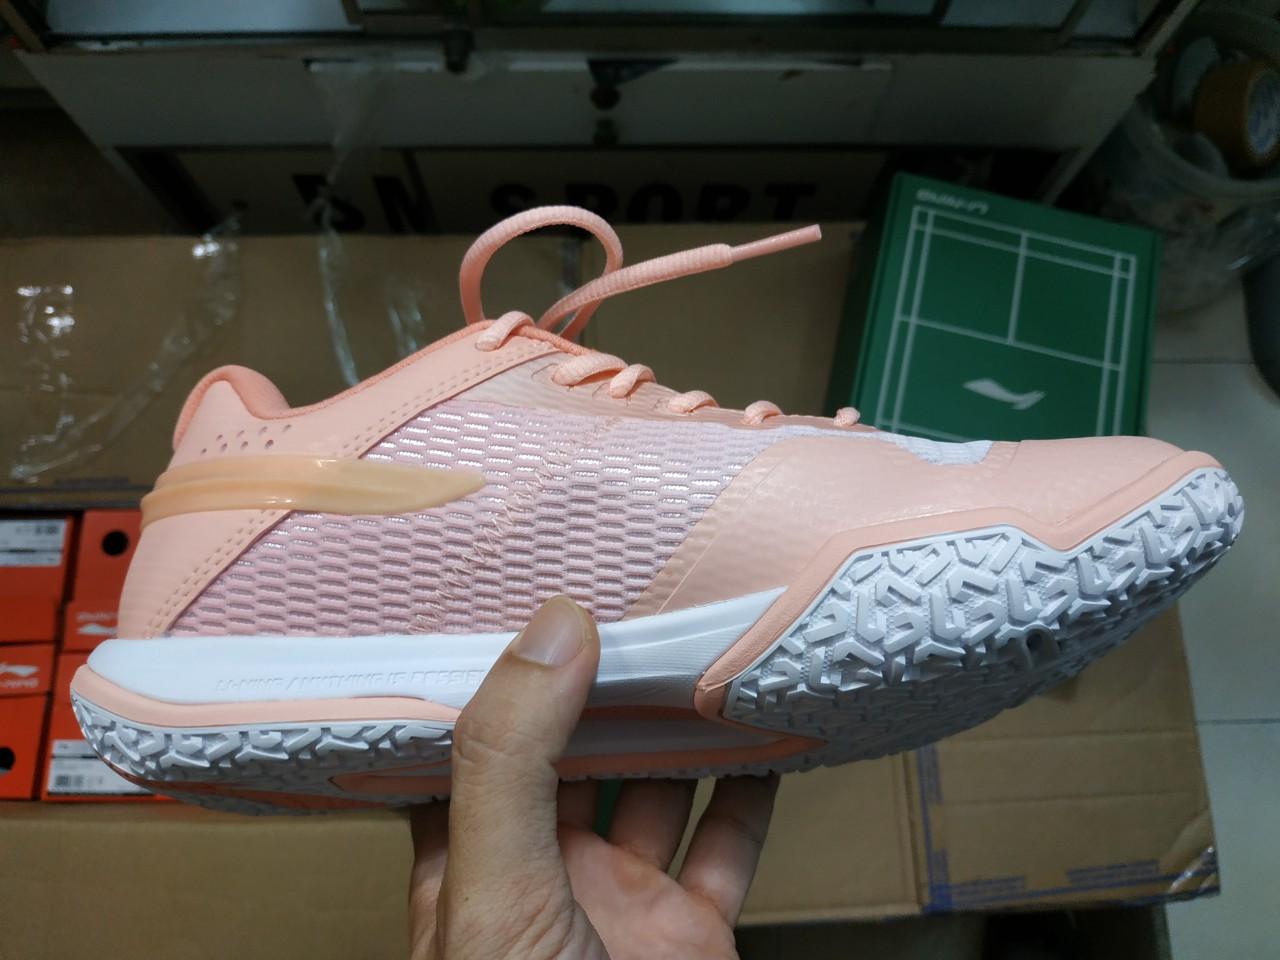 Giày cầu lông lining aytq022-2